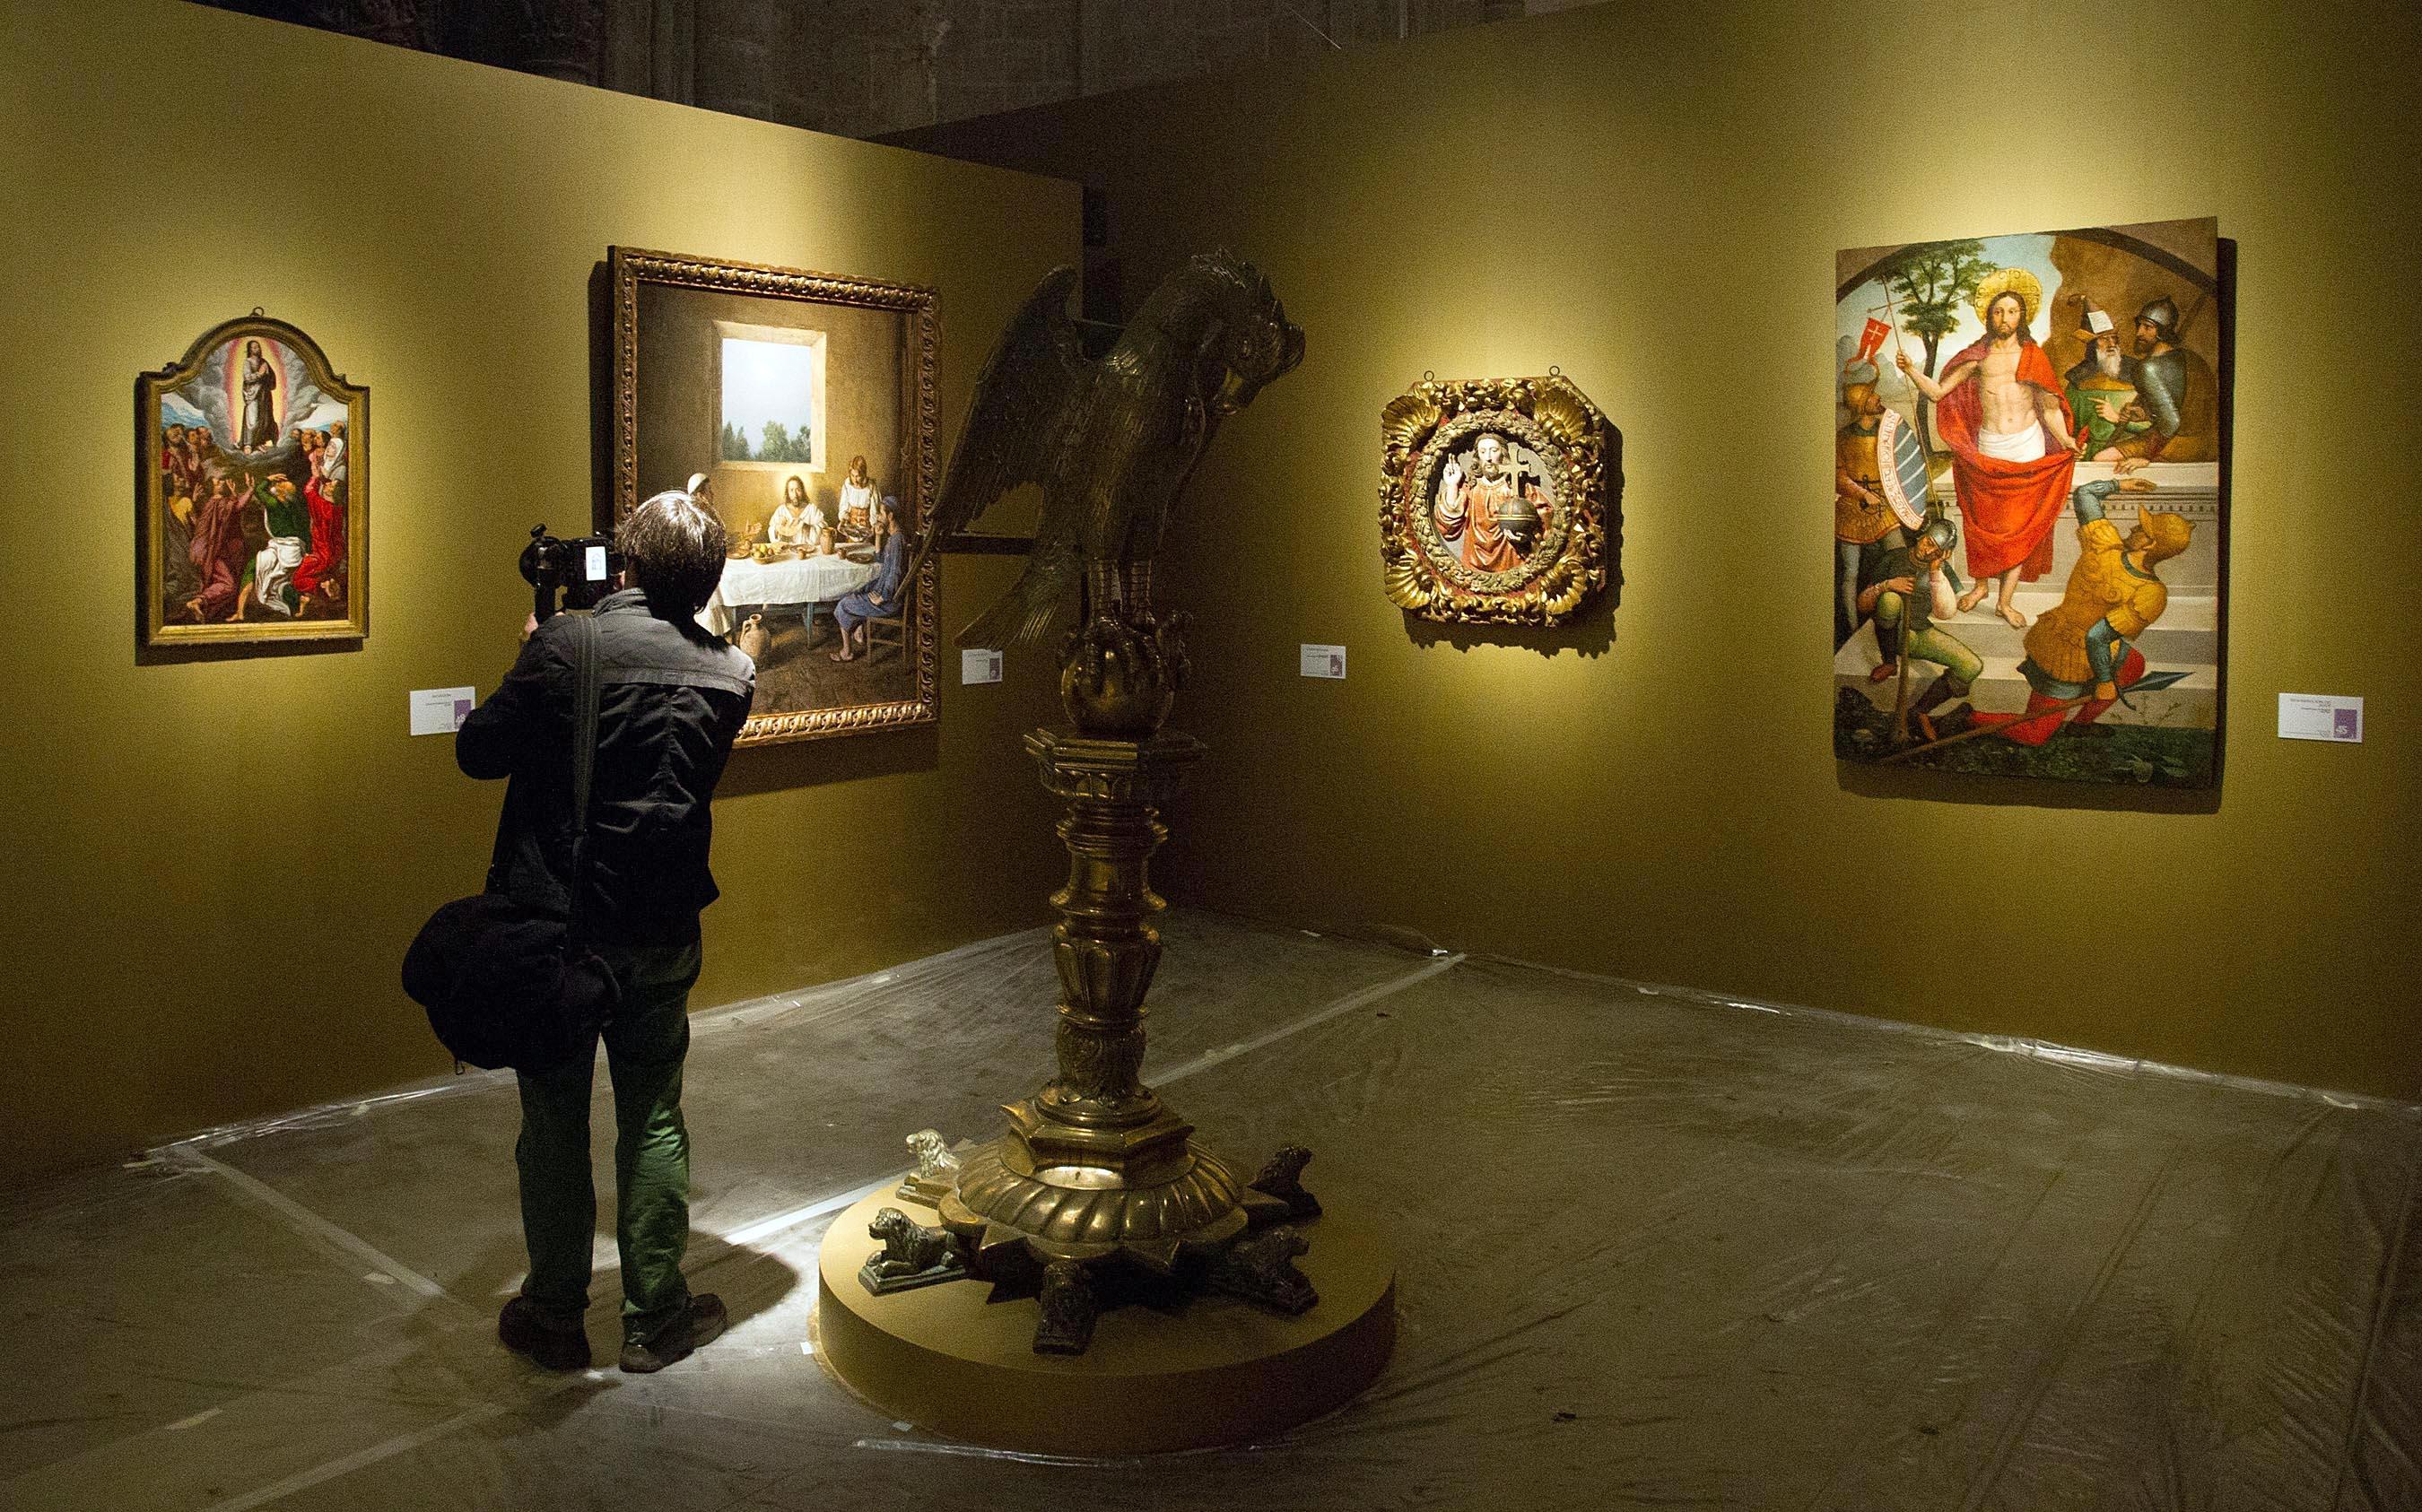 Cinco rutas turísticas reúnen más de 140 recursos visitables en torno a 'Eucharistia'